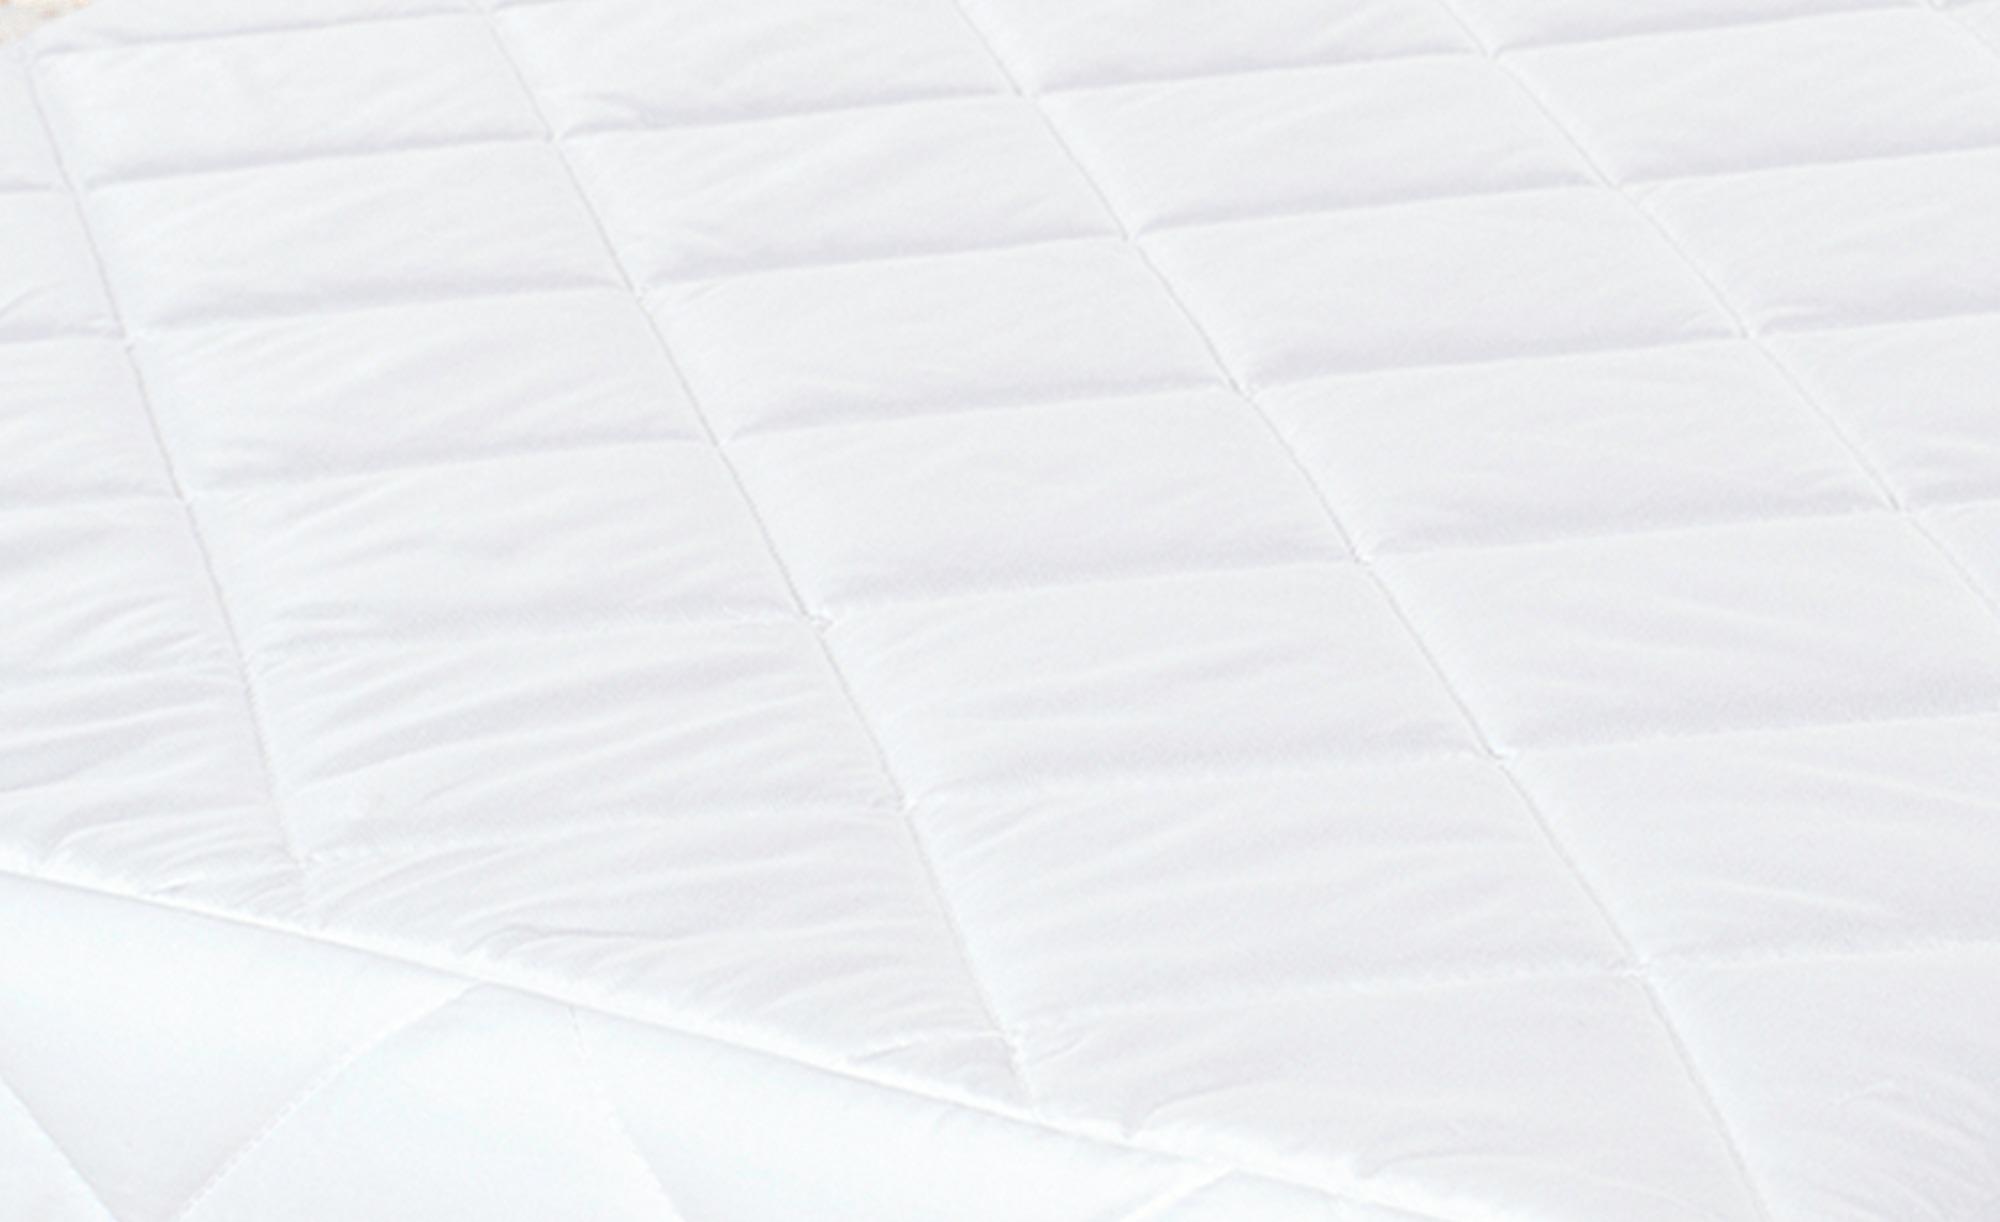 Alvi Kindermatratze - weiß - Unterseite: 100% Baumwolle gewebt , Oberseite: 100% Baumwolle versteppt - 70 cm - 10 cm - Sconto | Kinderzimmer > Textilien für Kinder > Kinderbettwäsche | Baumwolle | Alvi